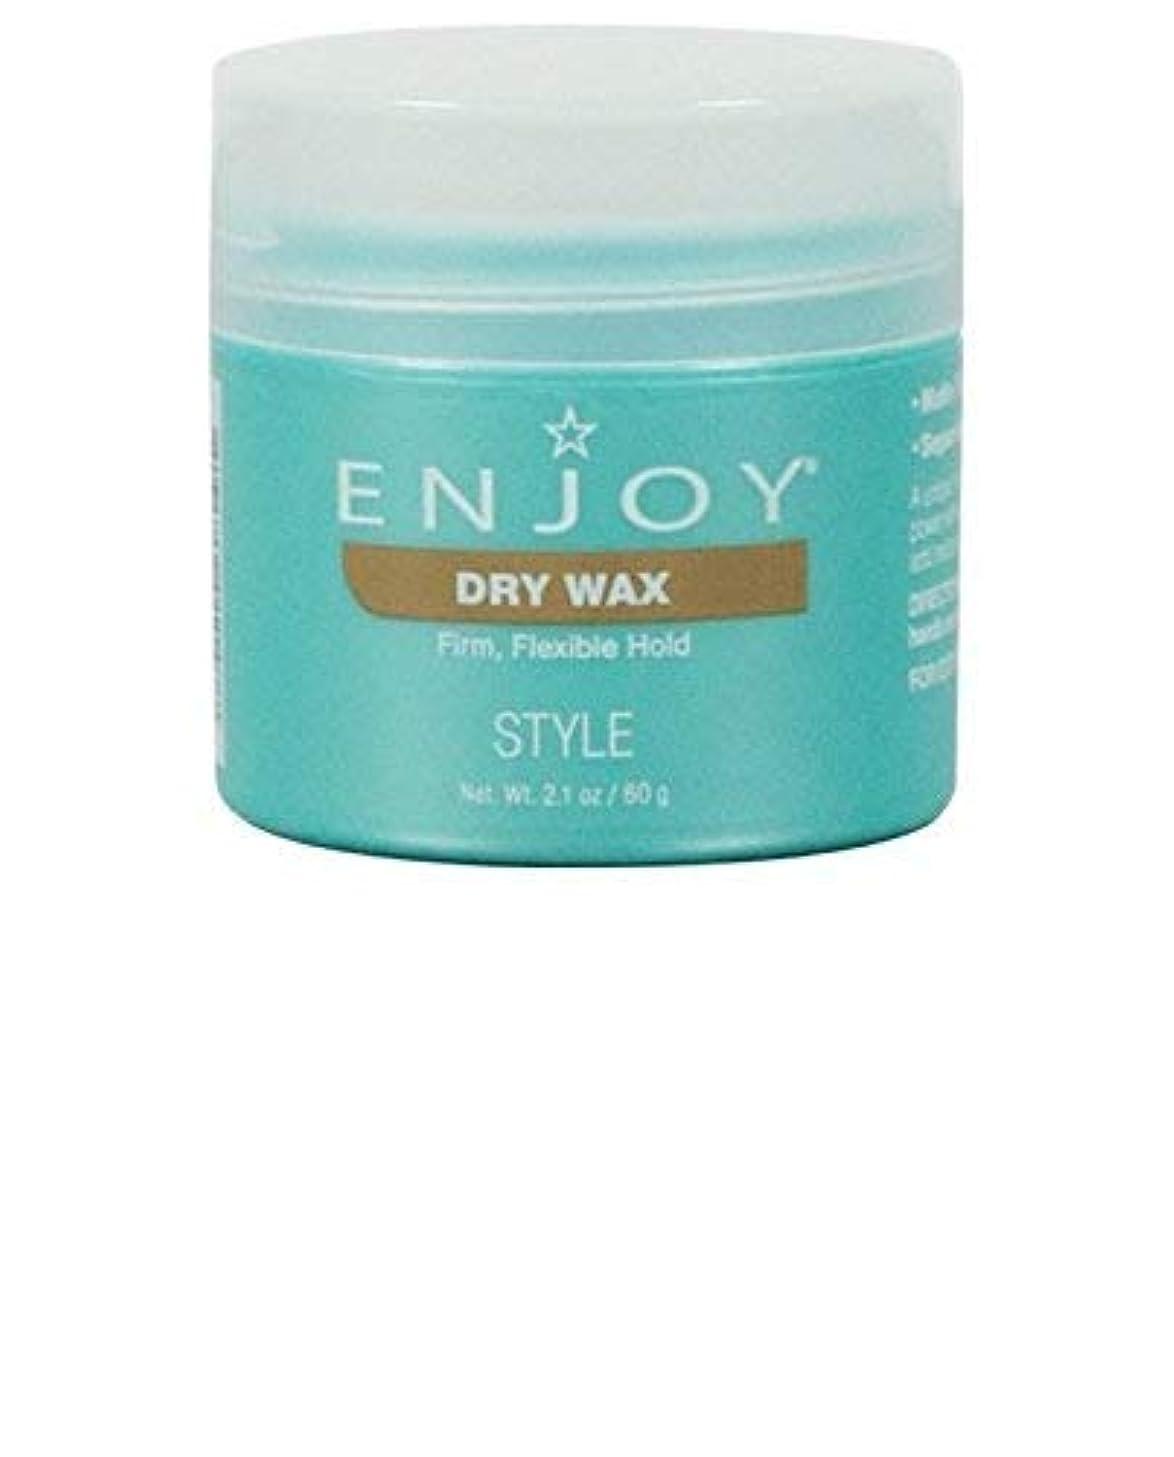 噛む発表最大化するDry Wax 2.1 fl oz 60g ドライ ワックス